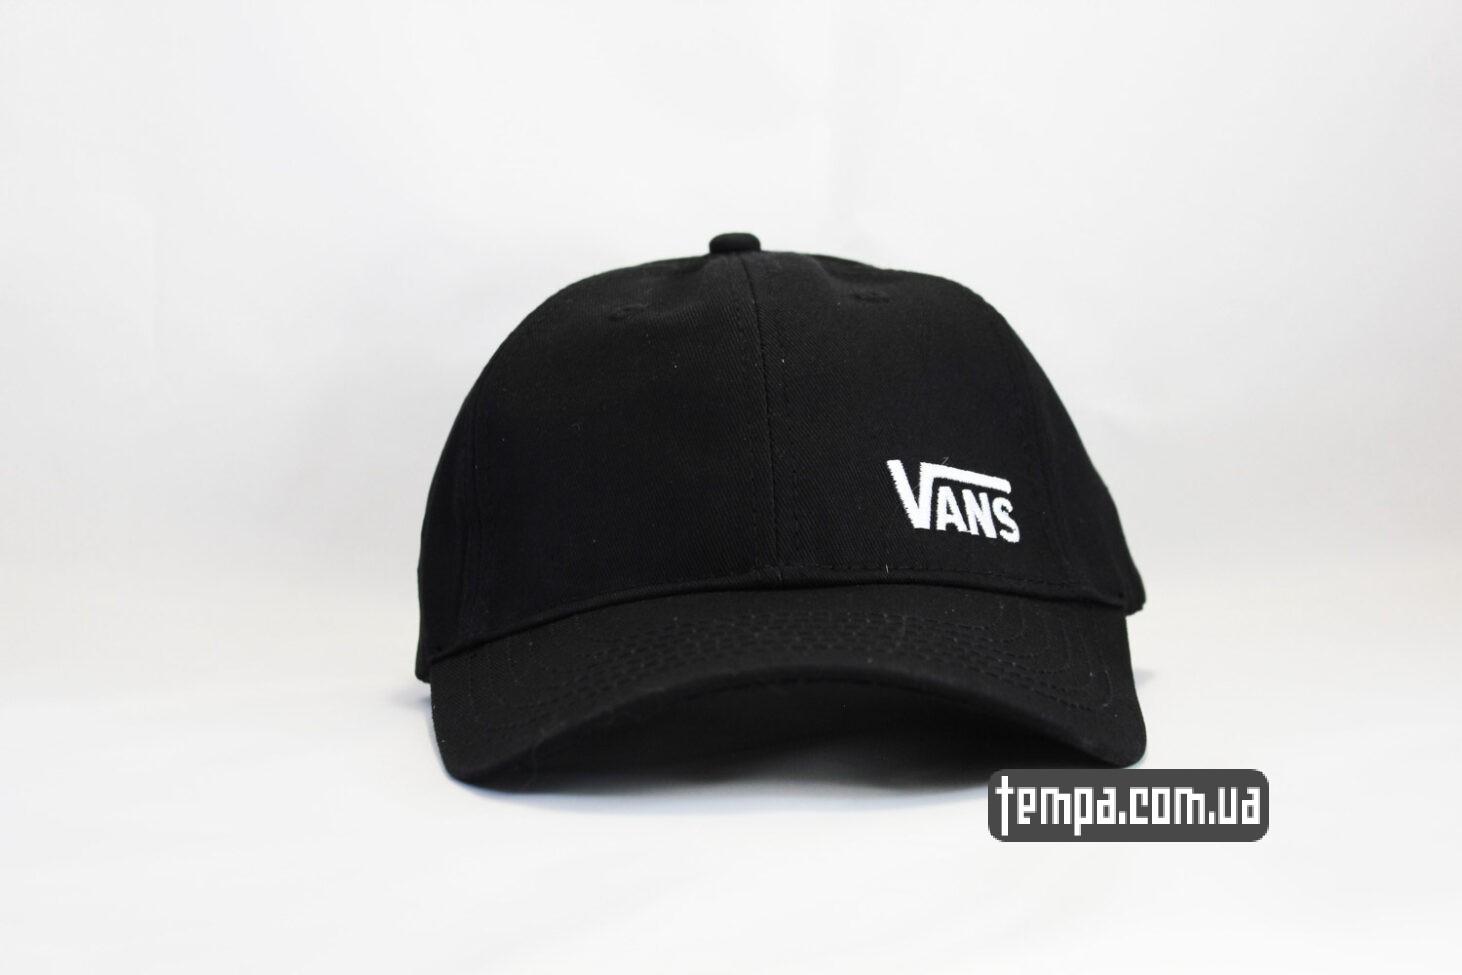 кепка VANS black логотип сбоку черная бейсболка